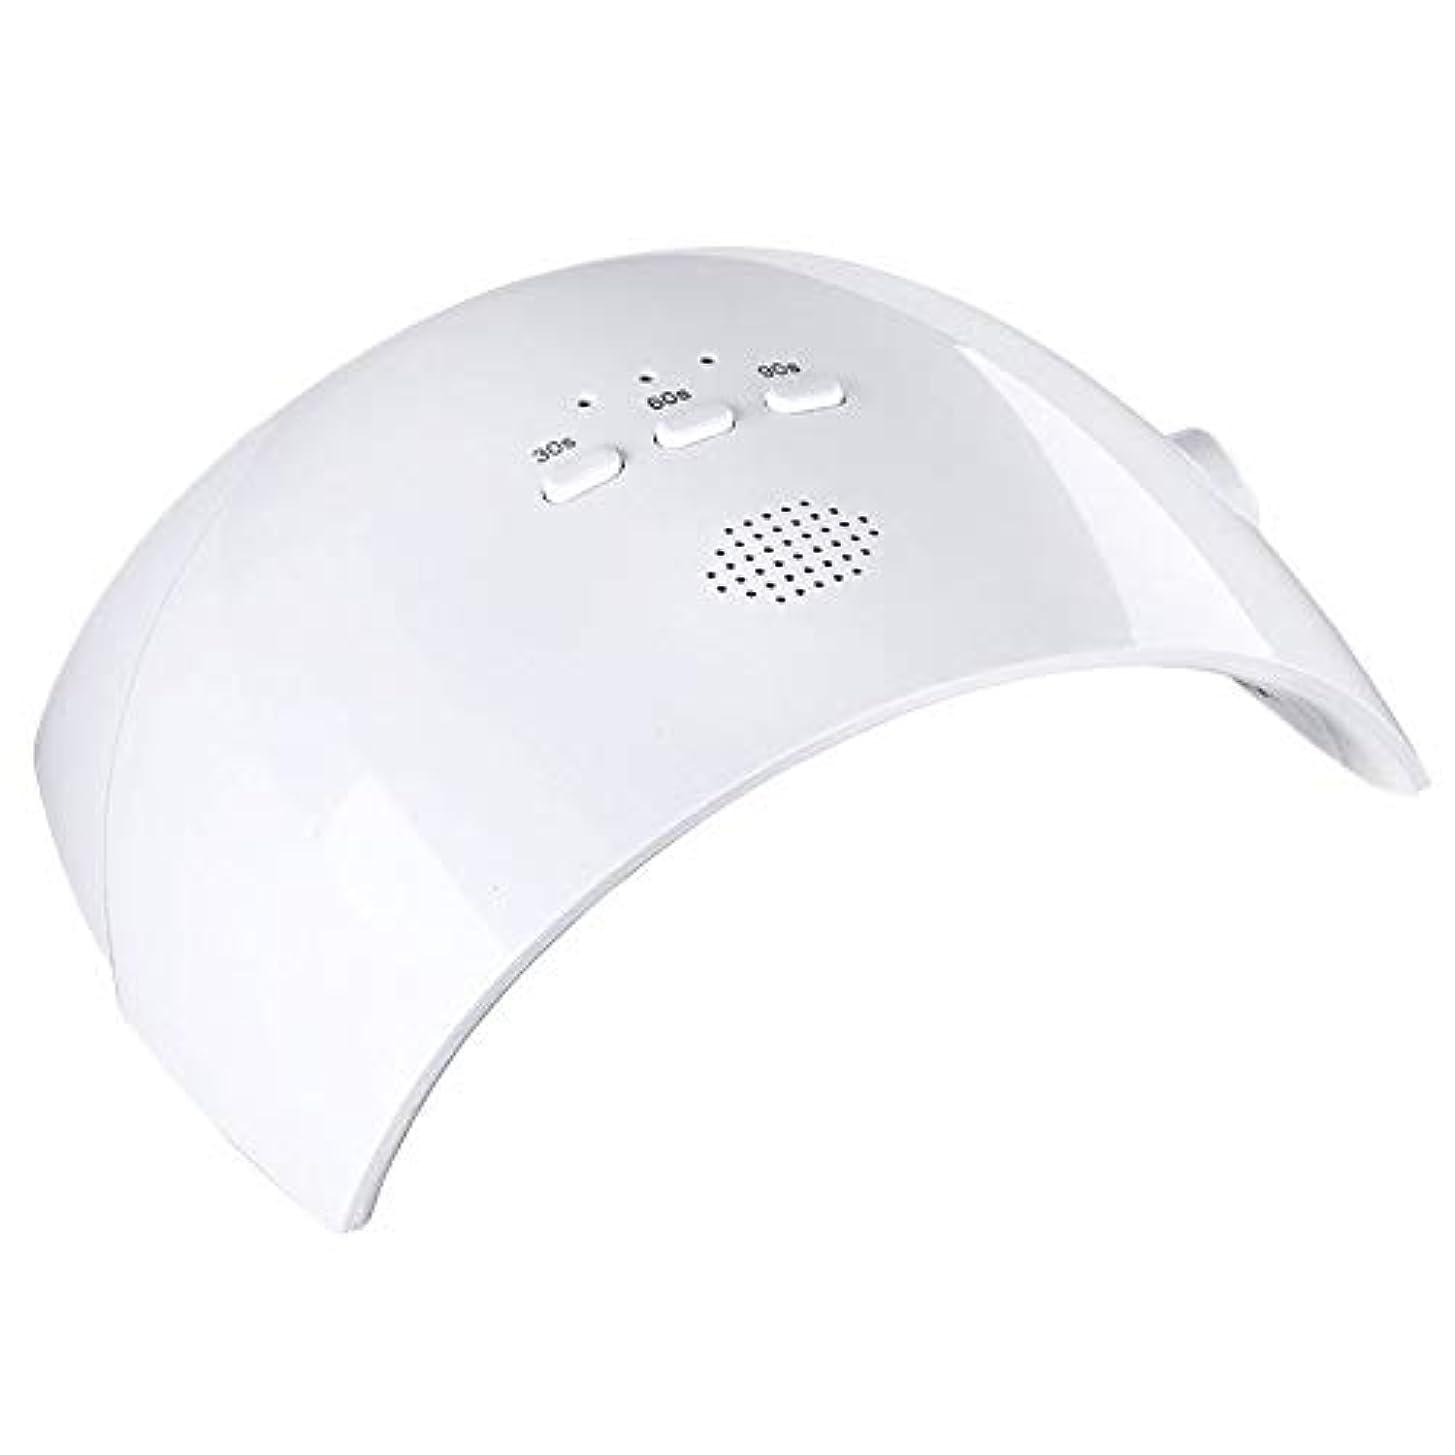 手のひら疾患促進するネイルライト、3タイマー設定付き36W UV LEDジェルネイルドライヤー - プロフェッショナルジェルネイルポリッシュランプ